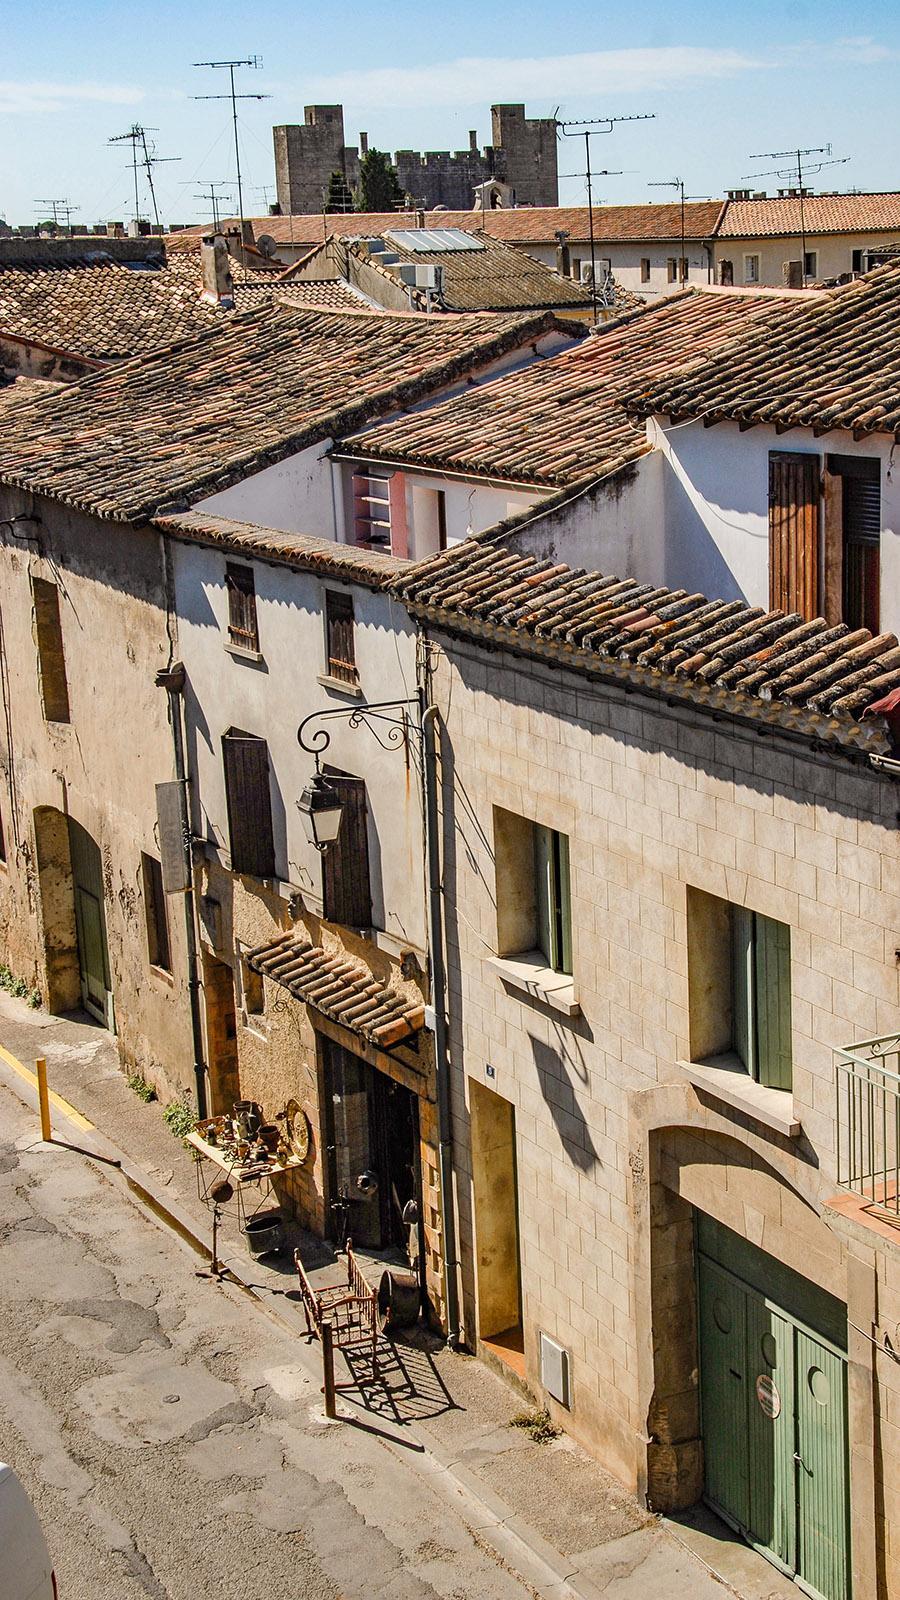 Blick von der nördlichen Stadtmauer auf die Altstadt mit Trödlershop. Foto: Hilke Maunder